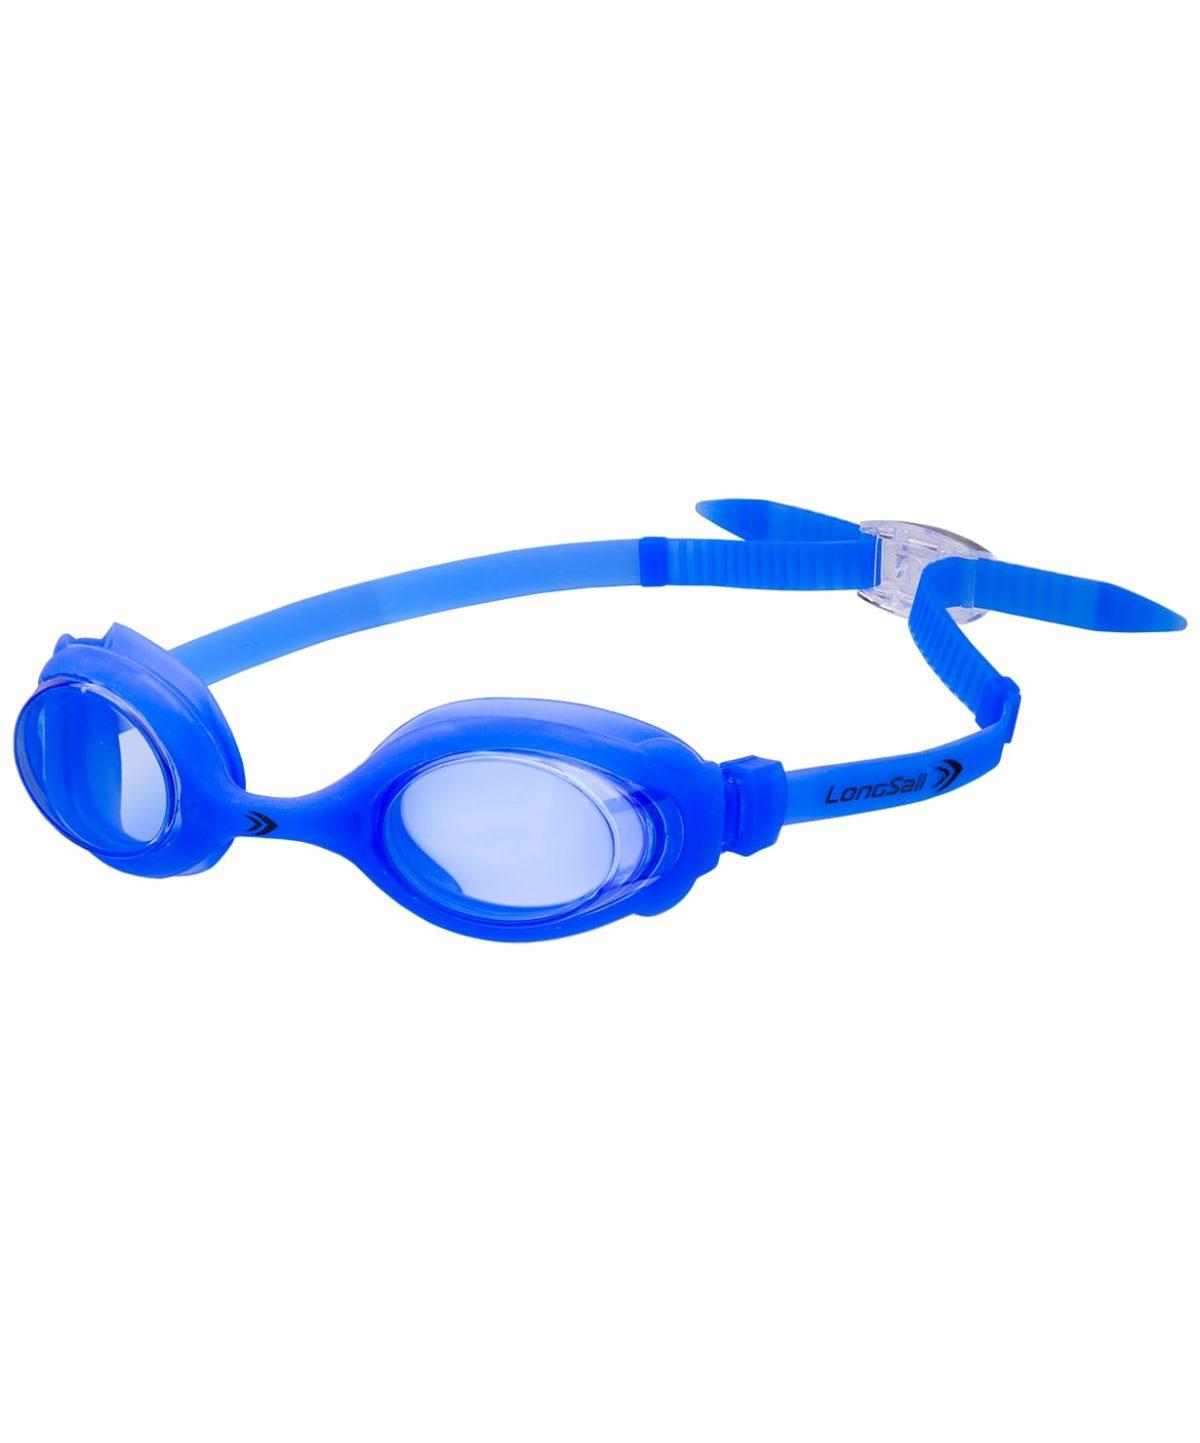 LONGSAIL Kids Marine Очки для плавания  L041020: голубой/голубой - 1